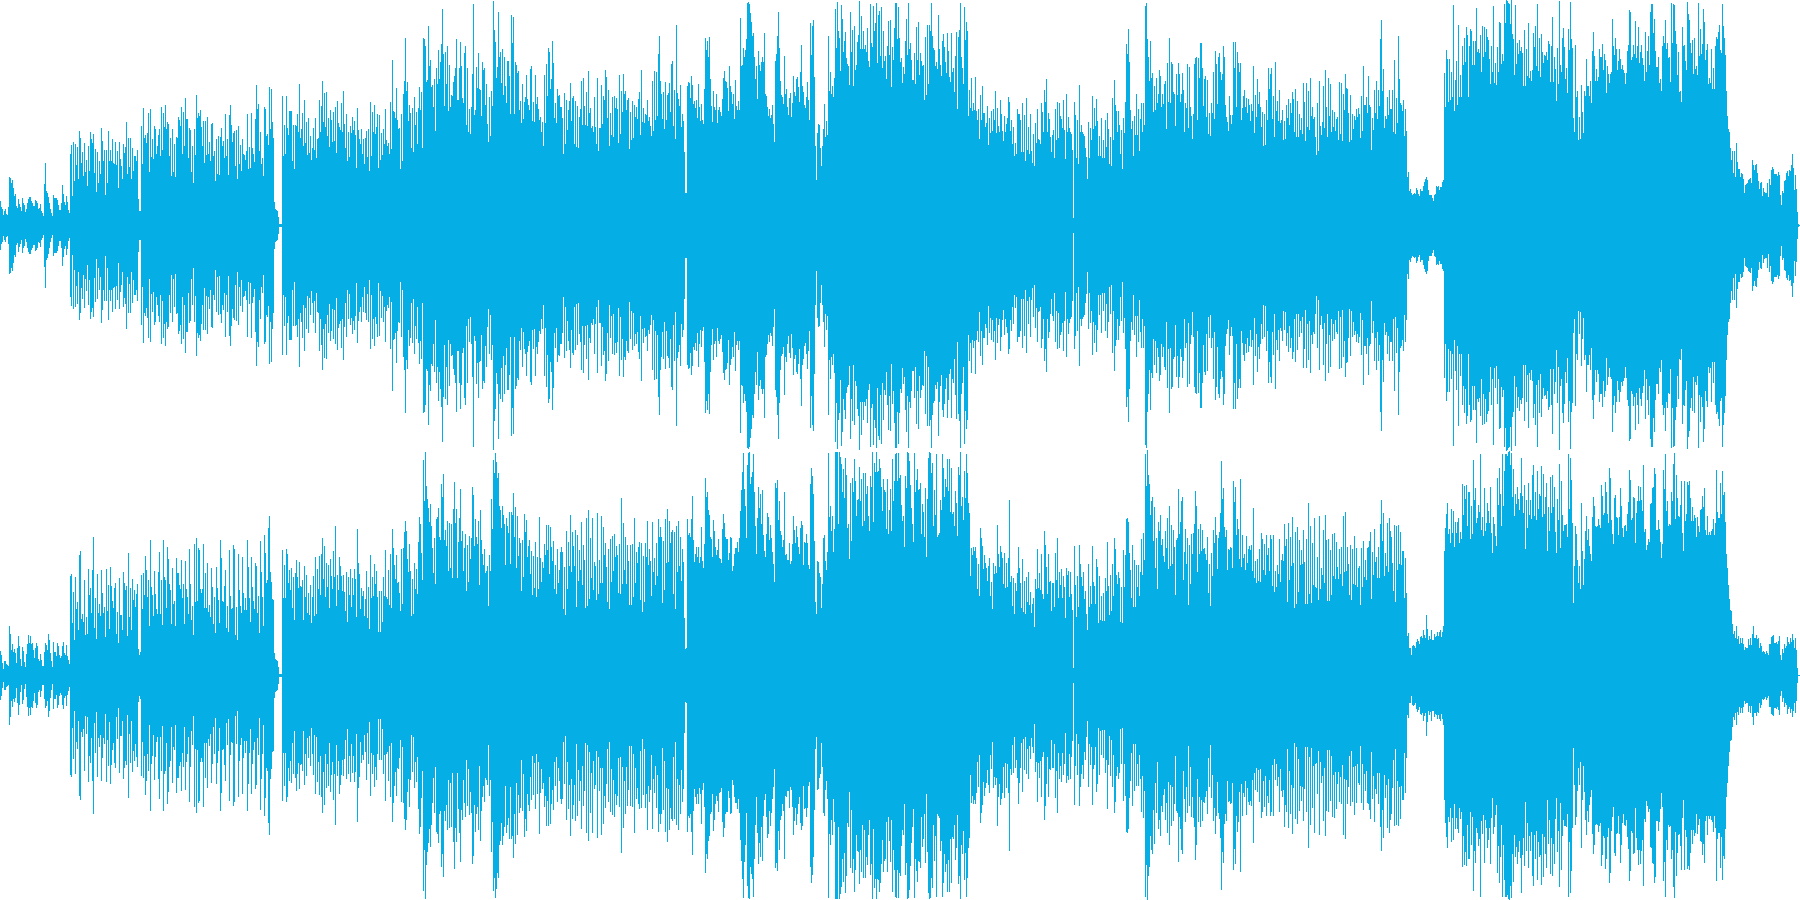 透明感のある女性voとピアノの四つ打ち曲の再生済みの波形